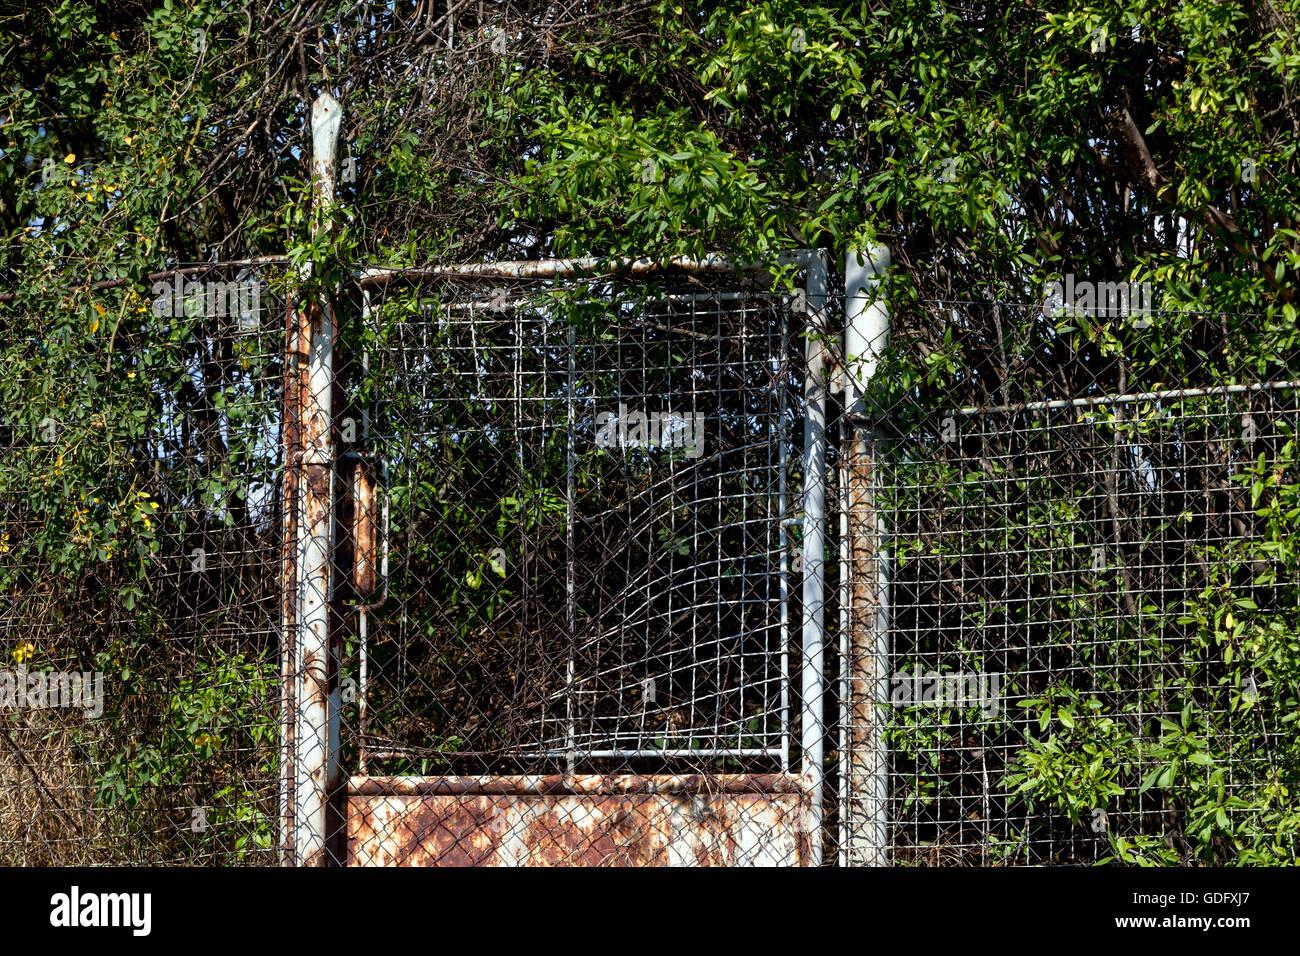 Incarniti porte arrugginite e una recinzione, giardino Immagini Stock